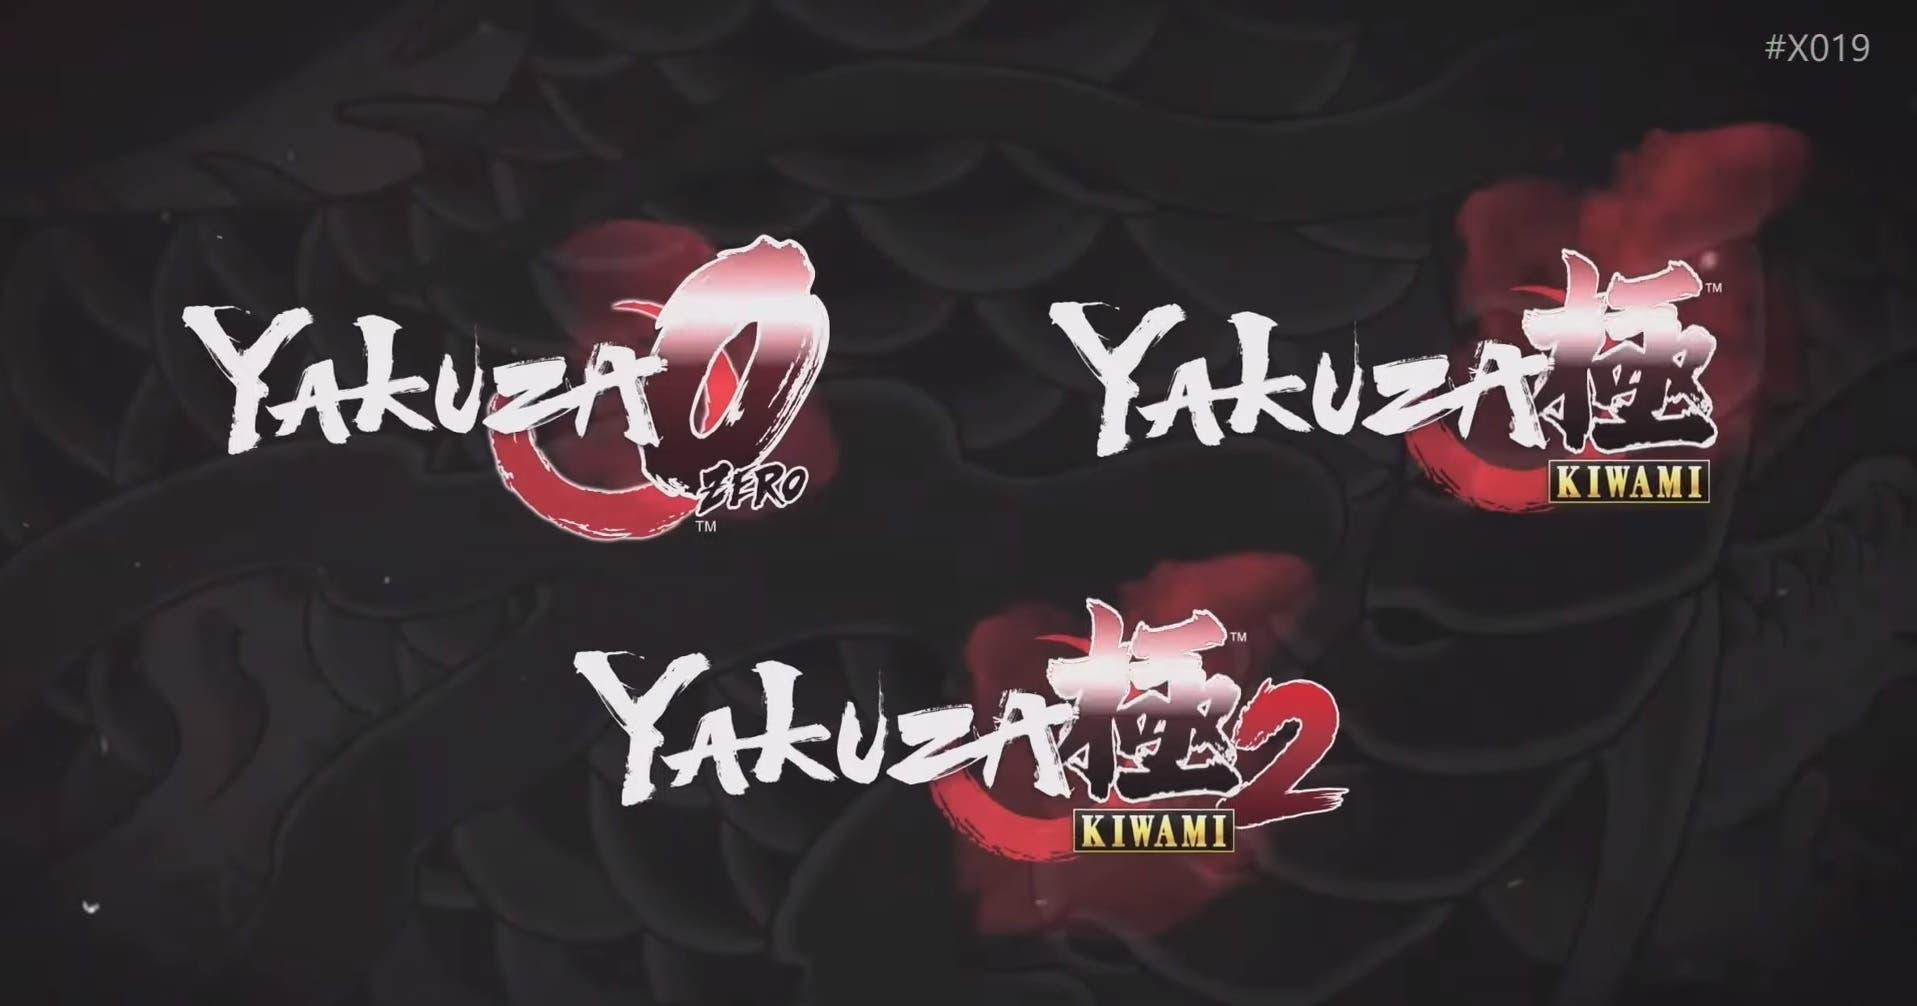 Yakuza podría presentar planes de futuro en el directo con motivo del 15º aniversario 2